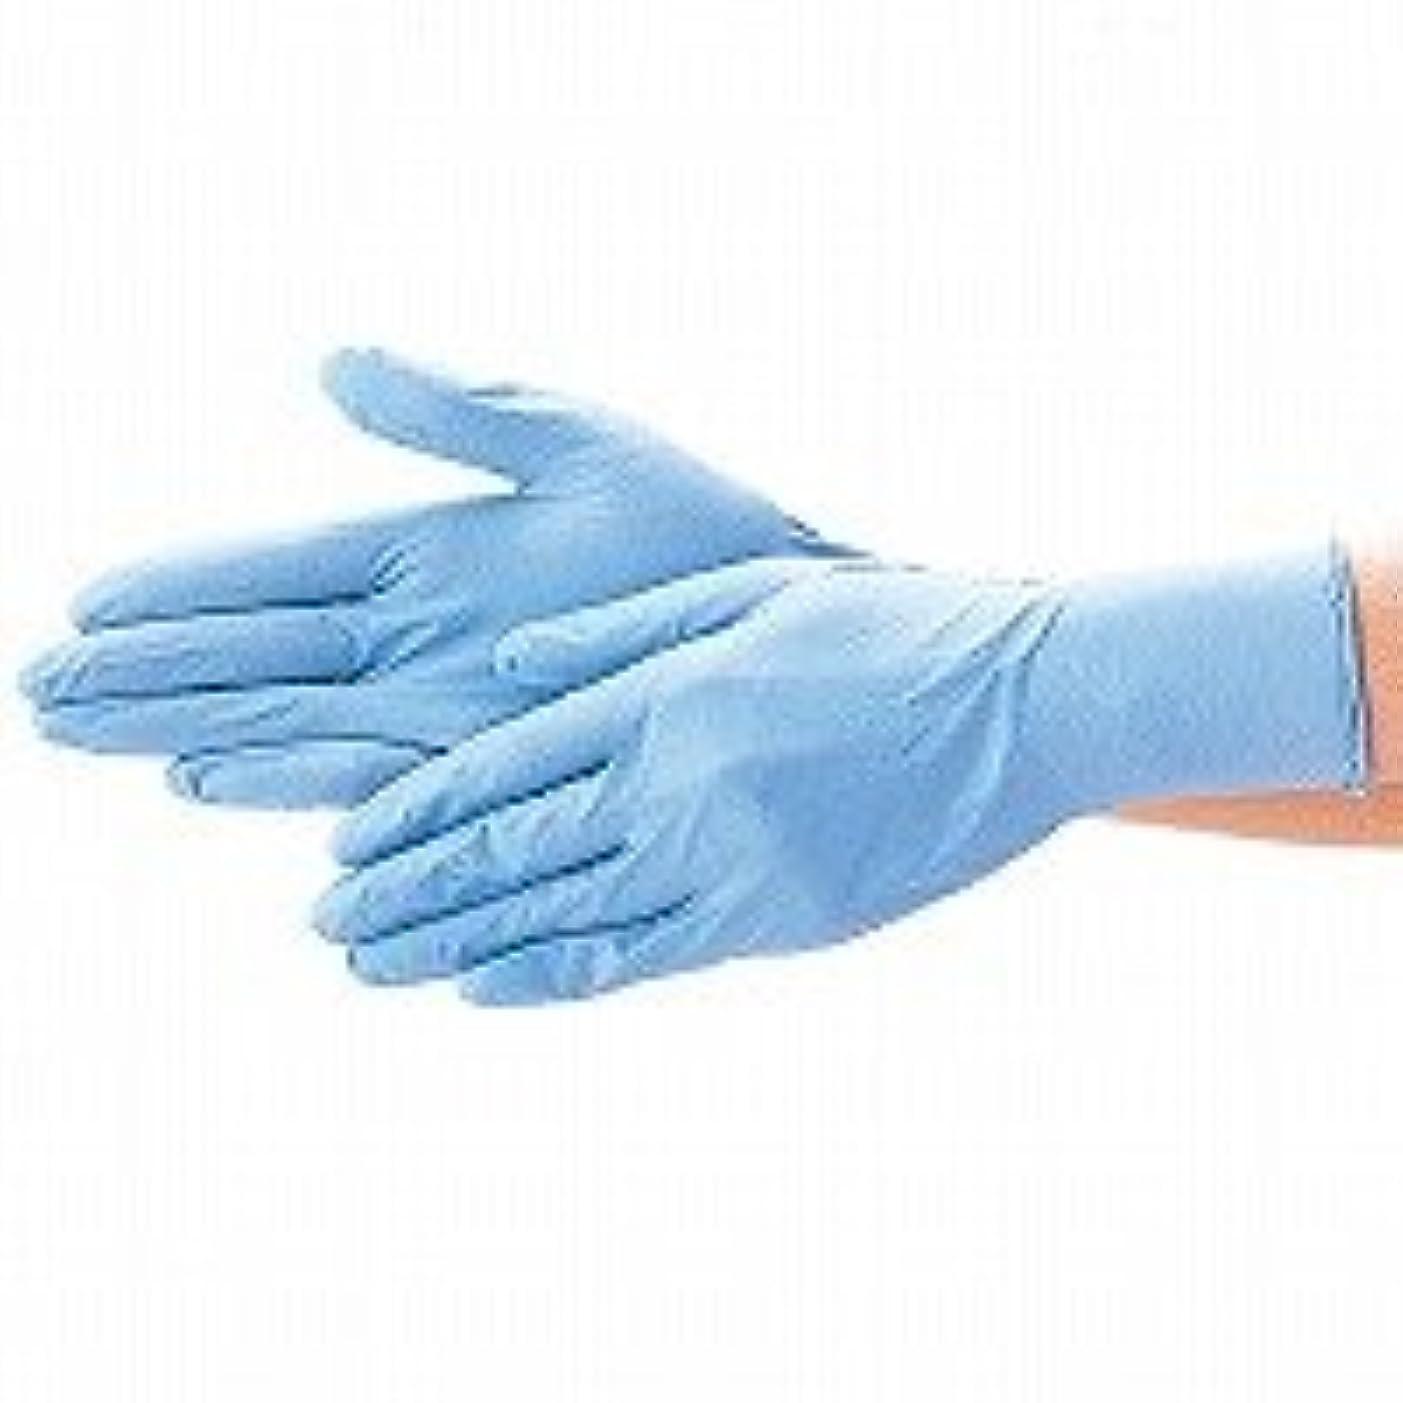 エブノ ニトリル手袋 No.526 M 青 (100枚入×20箱) ディスポニトリル パウダーフリー ブルー